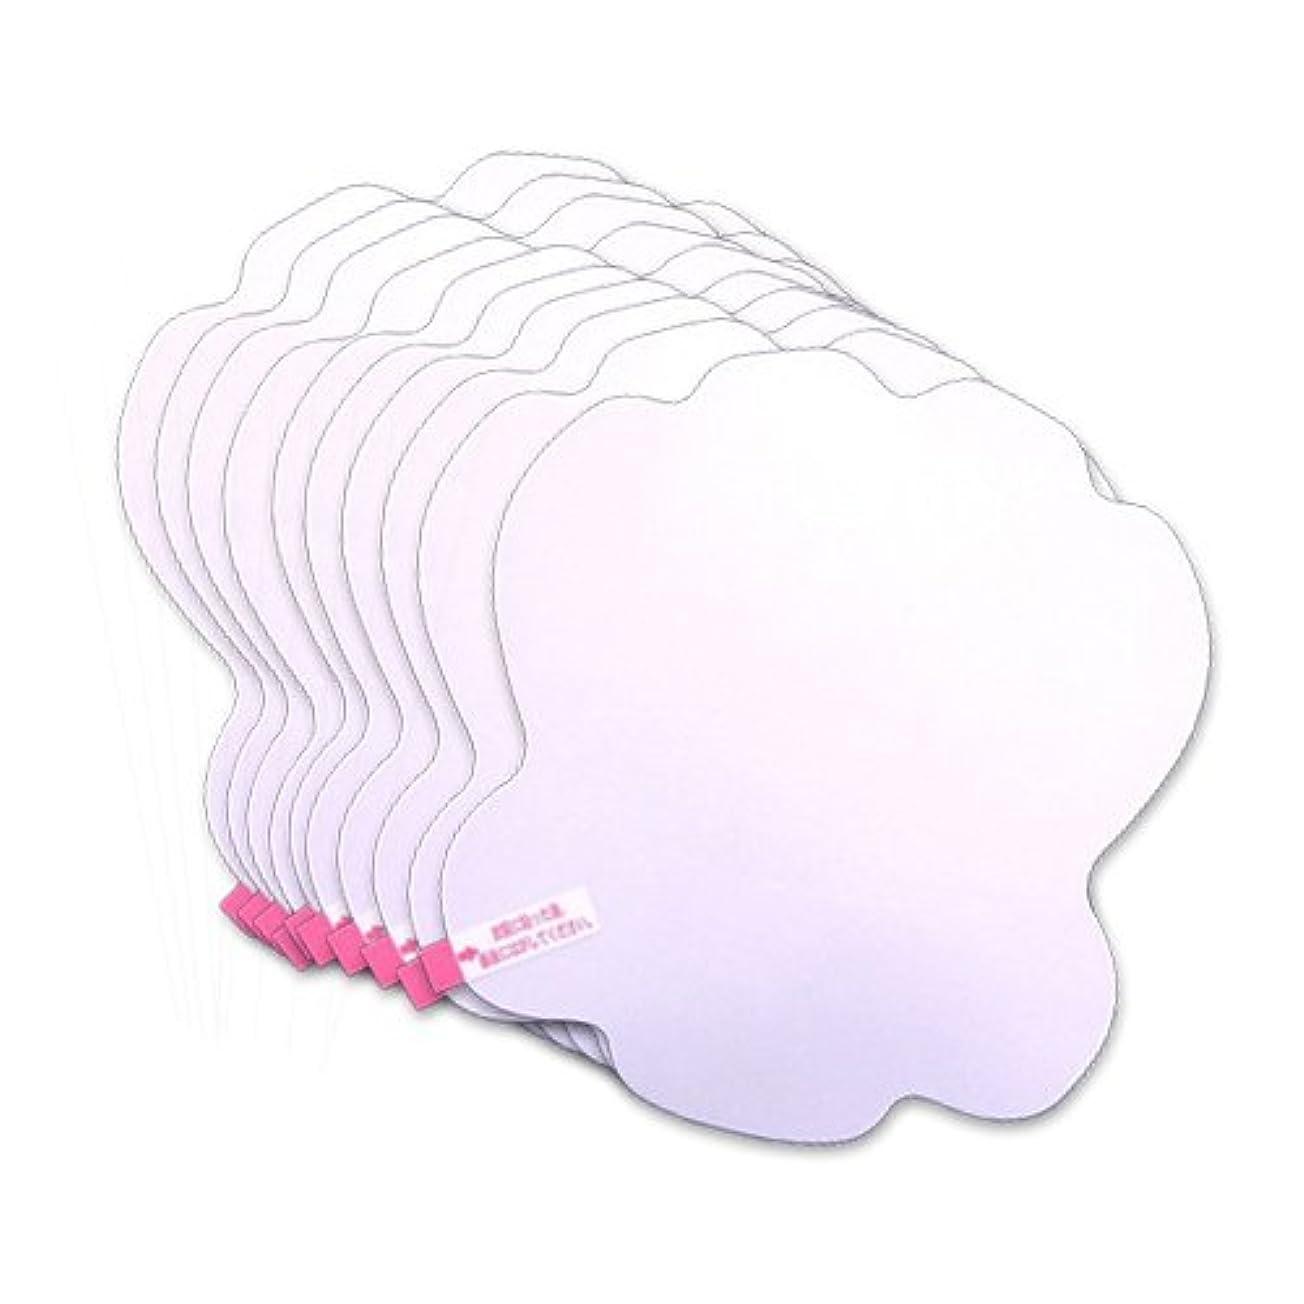 ランデブーブルーベルラベンダーデオクロス ワキ専用シートワイドタイプ OPP袋 ×20枚 (化粧箱なし/バルク品)